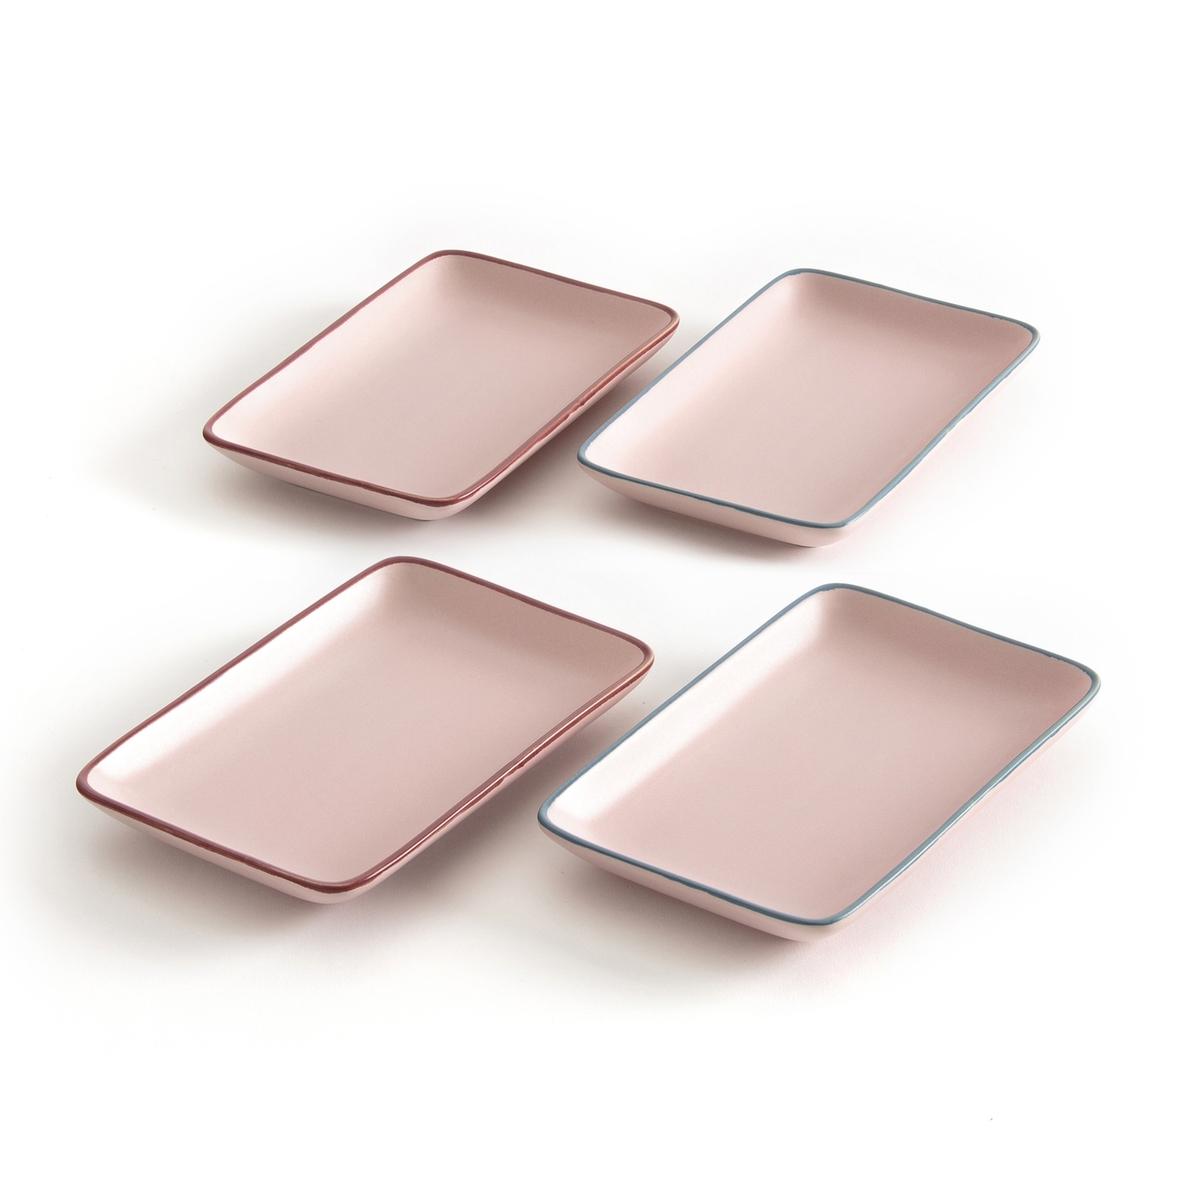 4 маленьких прямоугольных тарелки SIGRID4 маленьких прямоугольных тарелки  Sigrid .Симпатичный нордический стиль .Комплект из 4 маленьких прямоугольных тарелок  Sigrid . - Из керамики с матовым эффектом .  - 4 сочетающихся цвета .- Размеры : 19 x 12 см .- Можно использовать в микроволновой печи и мыть в посудомоечной машине.Найдите подставки для яиц Sigrid из комплекта и нашу коллекцию Arts de la table на сайте laredoute.ru<br><br>Цвет: розовый